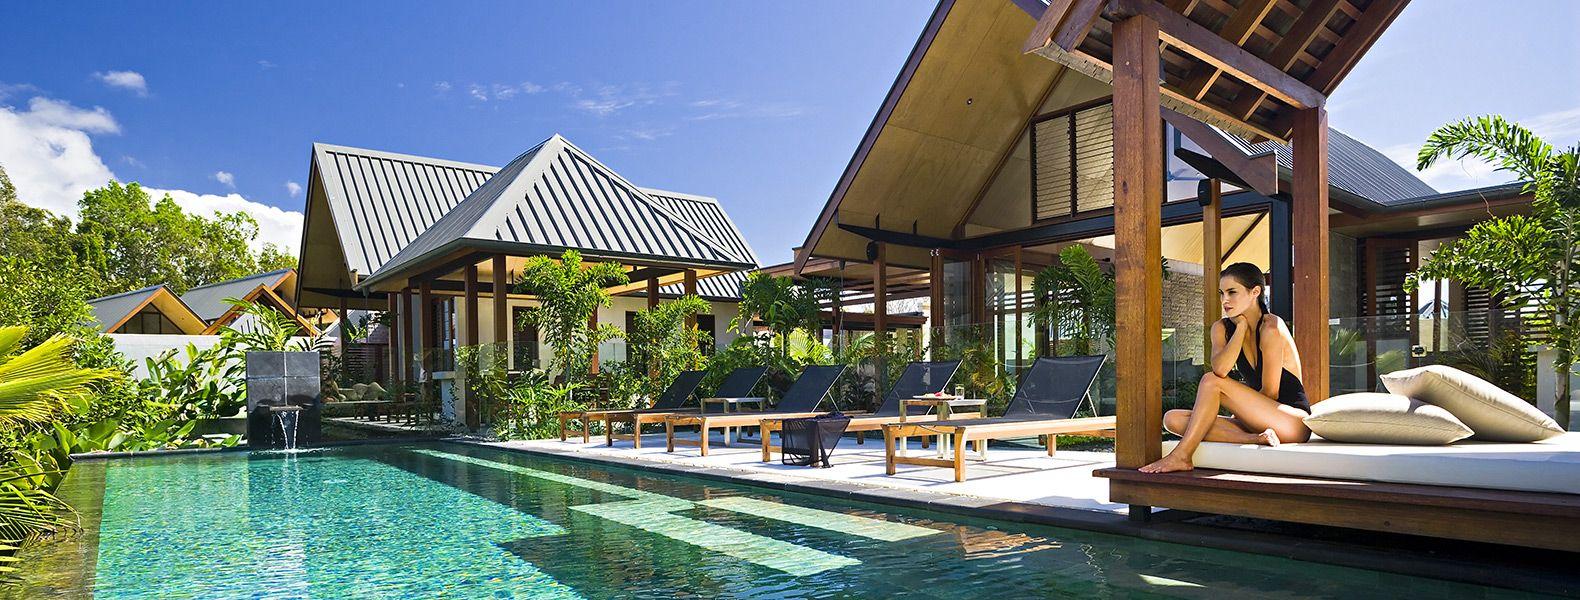 niramaya resort Holiday Resort pools, Villa